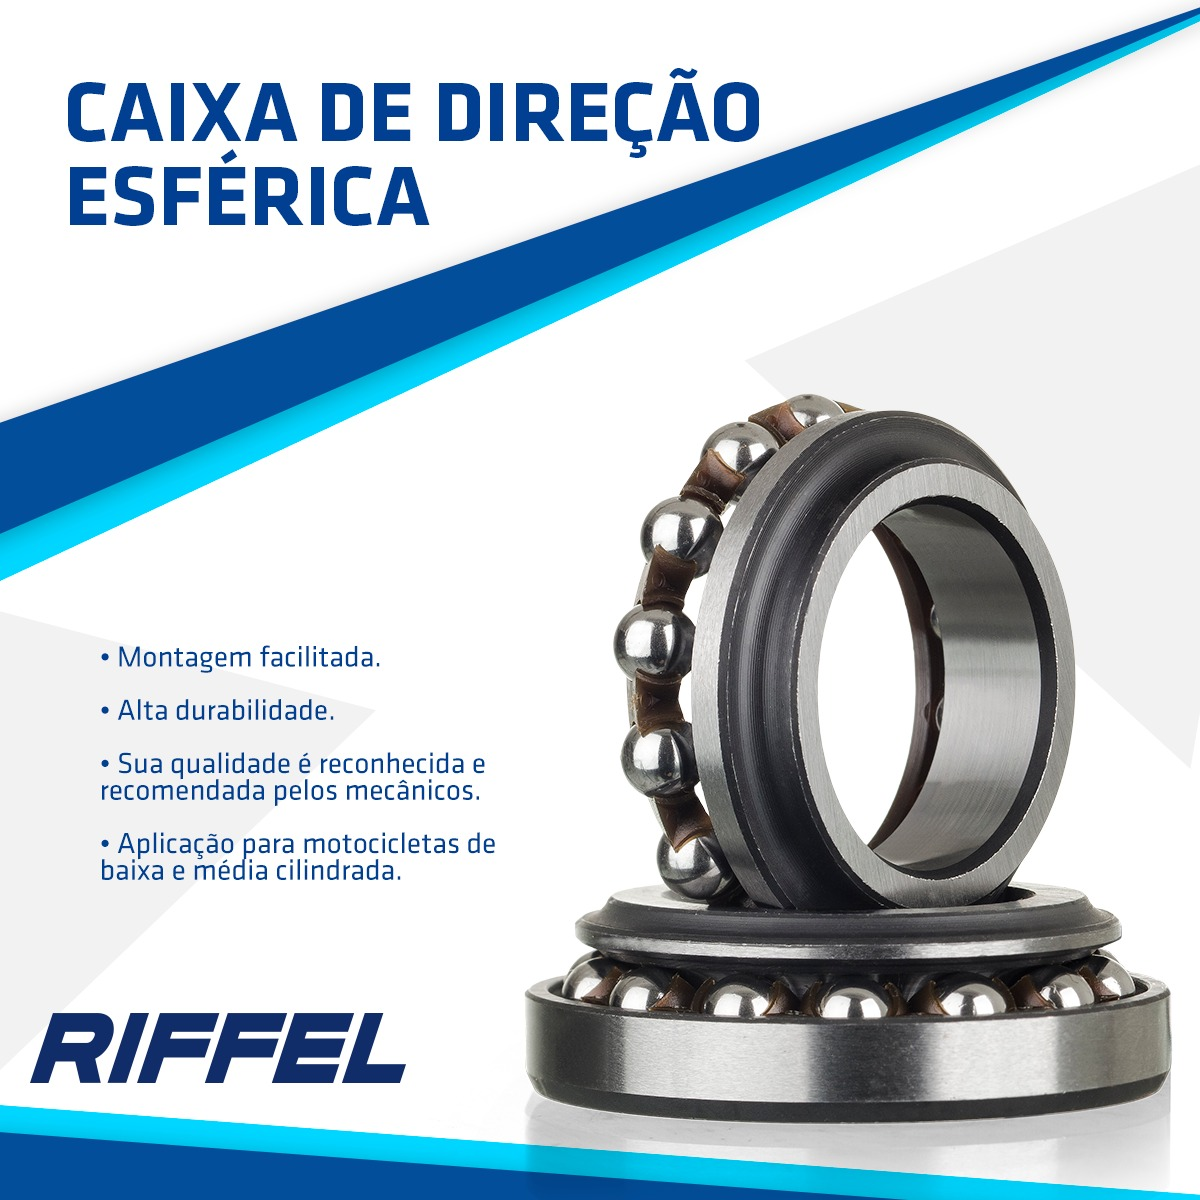 Caixa de Direção Esférica CG 125 (79-99) / AKT 125 / ECO 100 / CBX 200